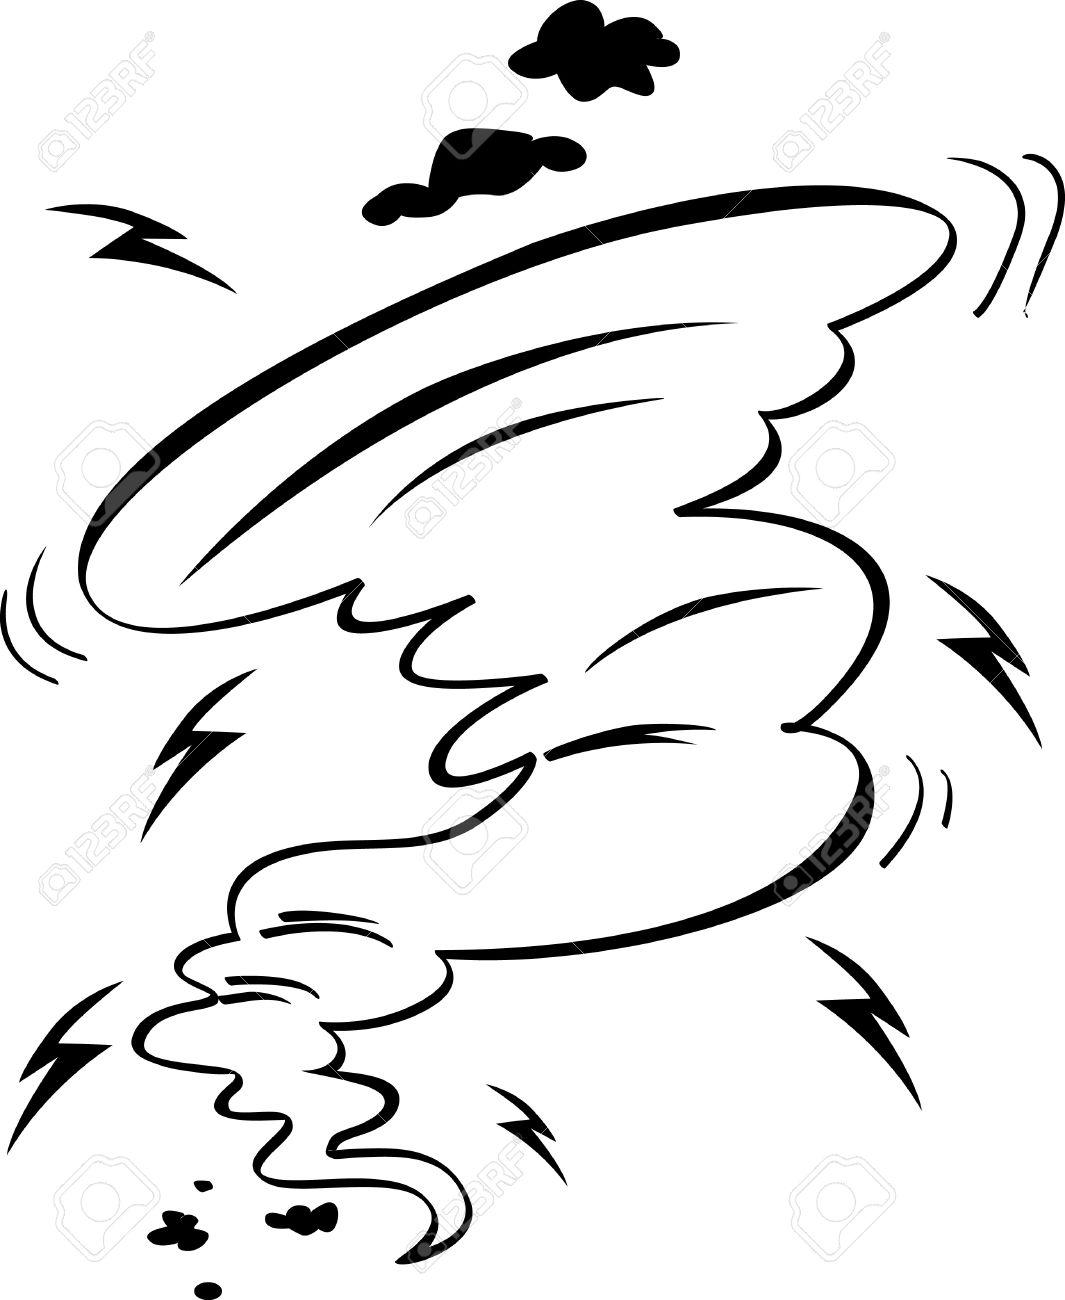 Hurricane coloring #9, Download drawings